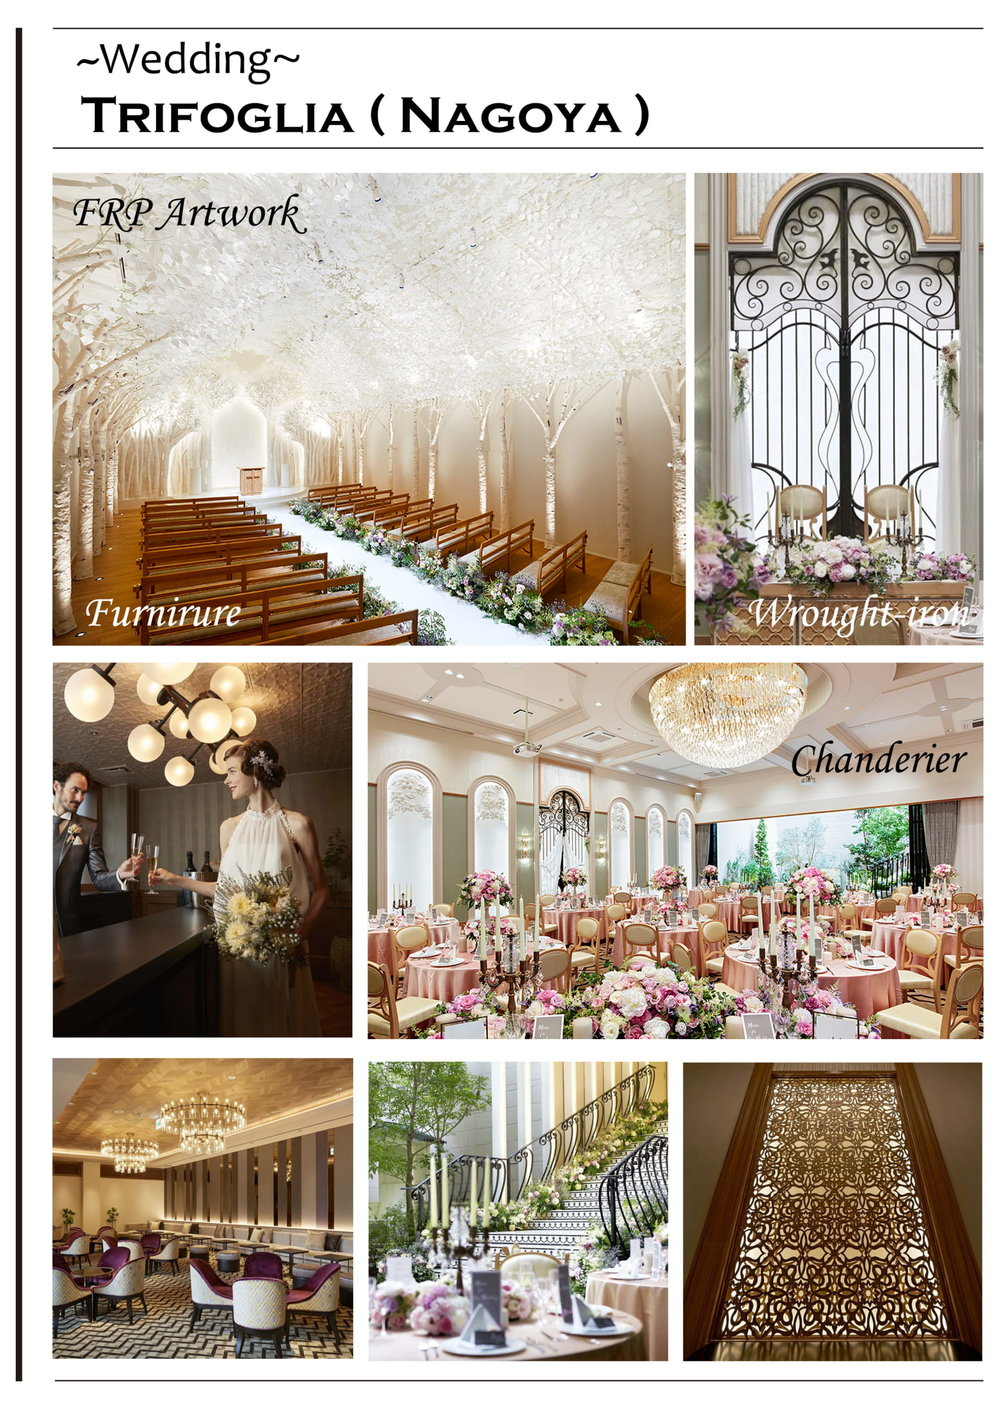 名古屋 結婚式場 wedding vintage house ヴィンテージハウス 内装 デザイン 店舗 商店建築 bamboomedia